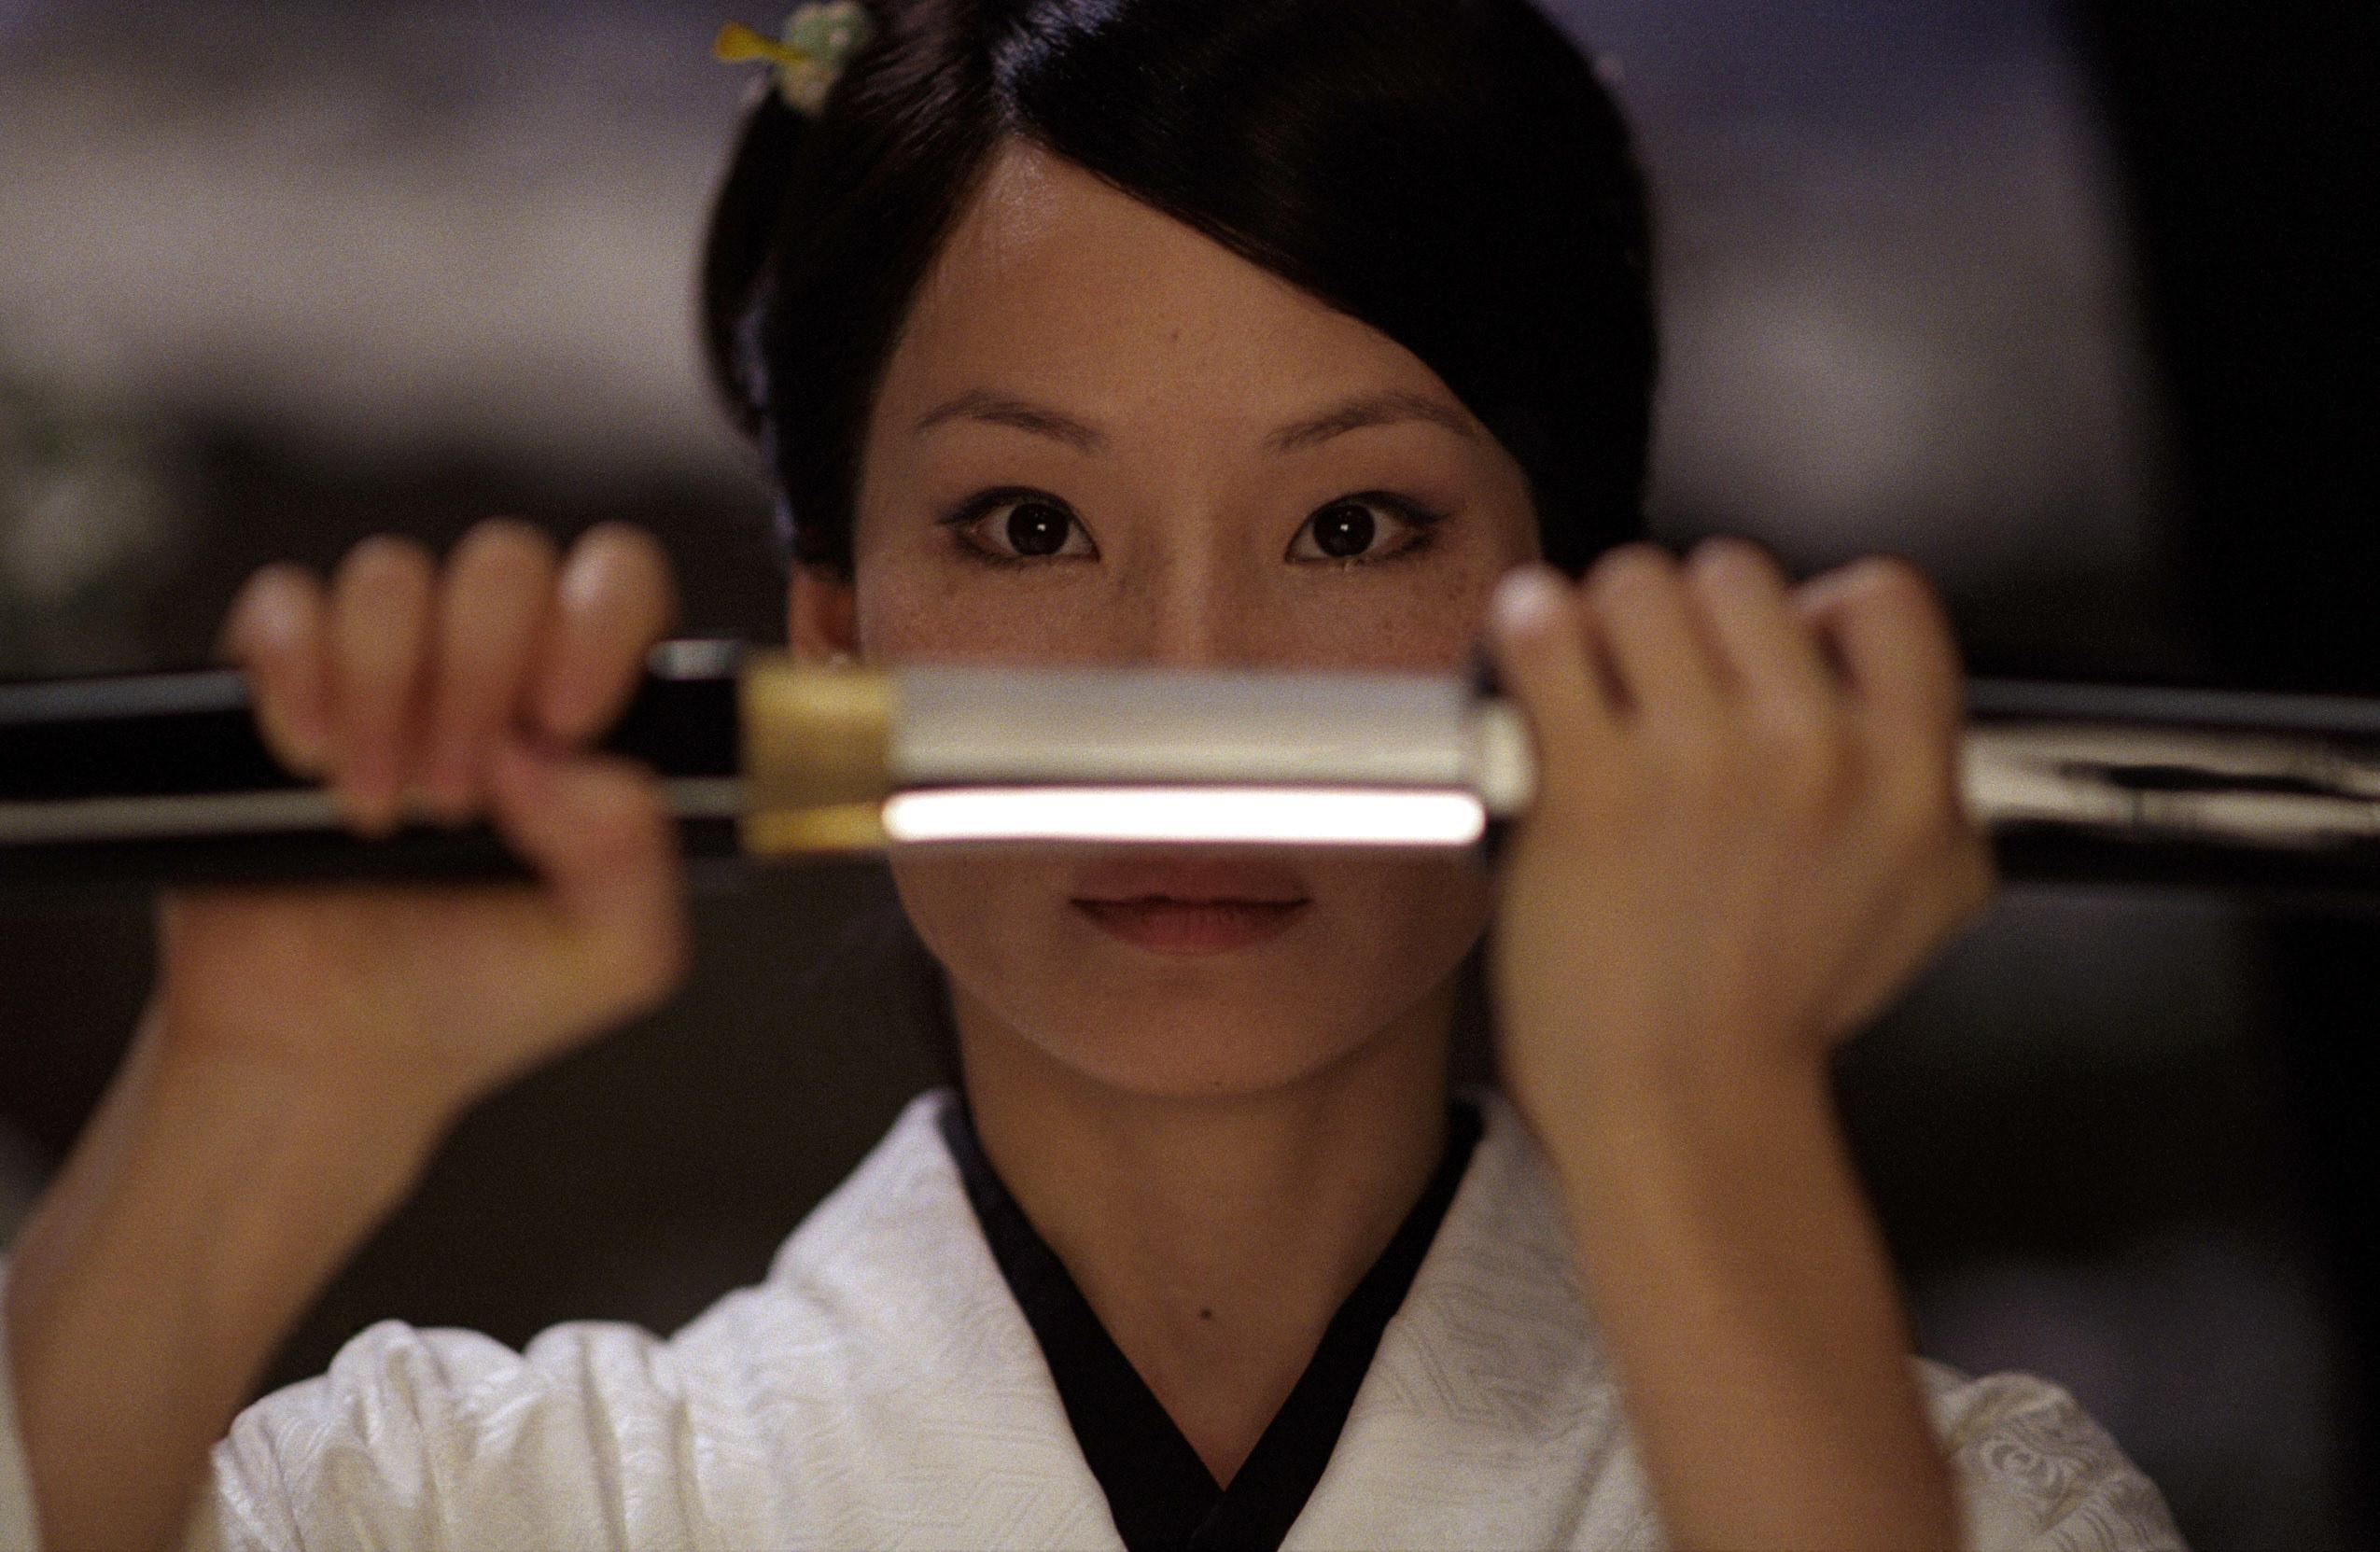 Liu unsheathes a sword in Kill Bill